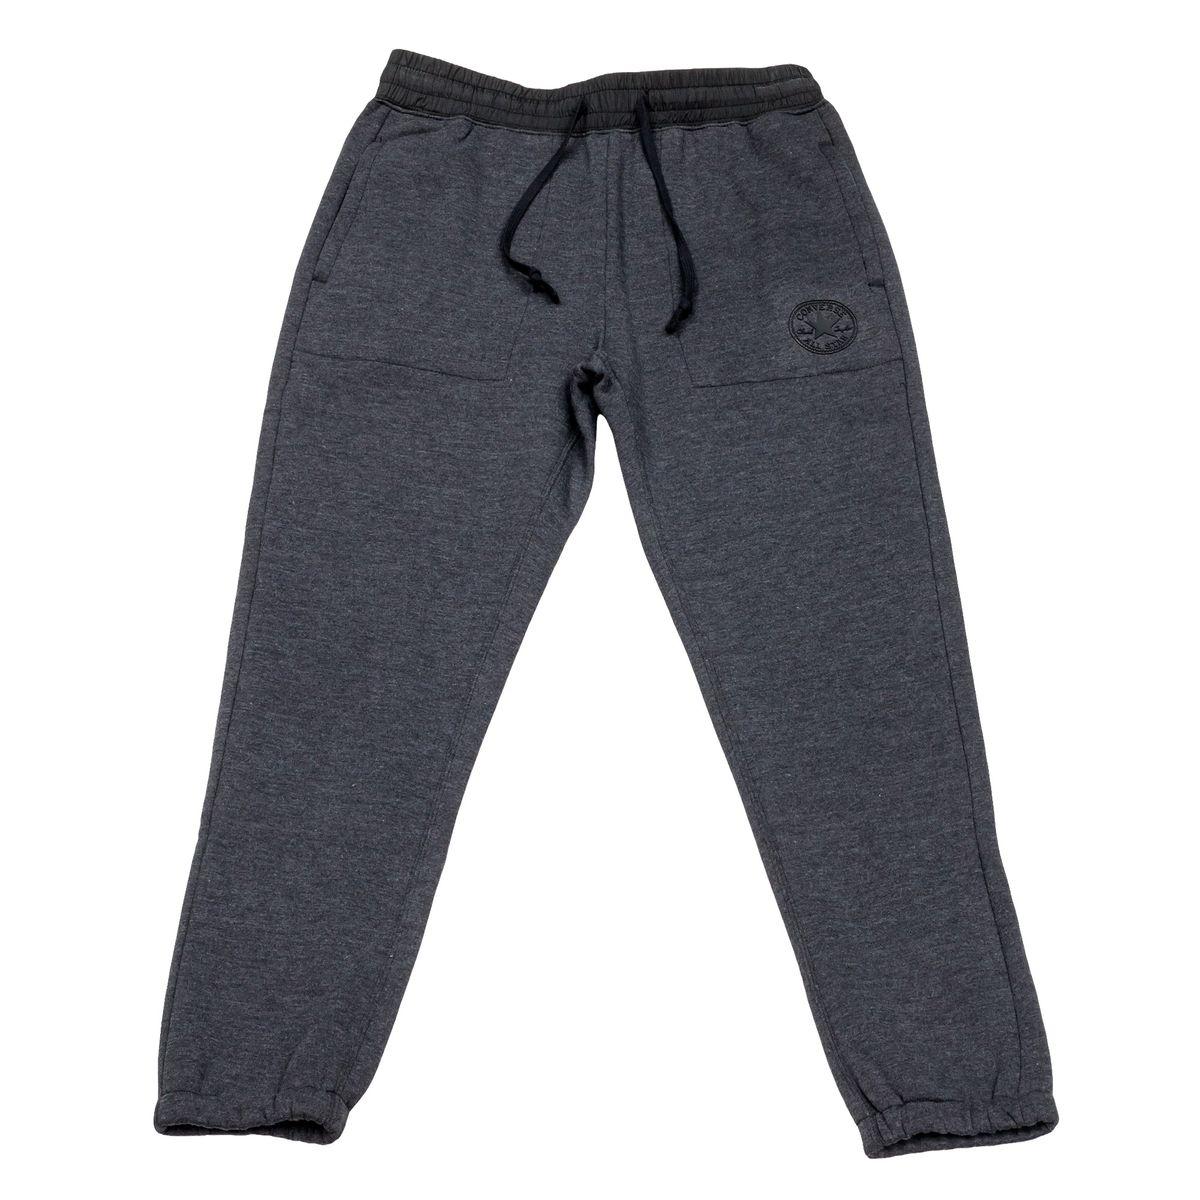 Брюки спортивные10002166001Удобные мужские спортивные брюки Converse, выполненные из натурального хлопка с добавлением полиэстера, великолепно подойдут для отдыха, повседневной носки, а также для занятий спортом. Модель средней посадки имеет широкую эластичную резинку на поясе, объем талии регулируется при помощи шнурка-кулиски. Спереди изделие имеет два втачных кармана, сзади один накладной на застежке-молнии. Низ брючин дополнен резинками.